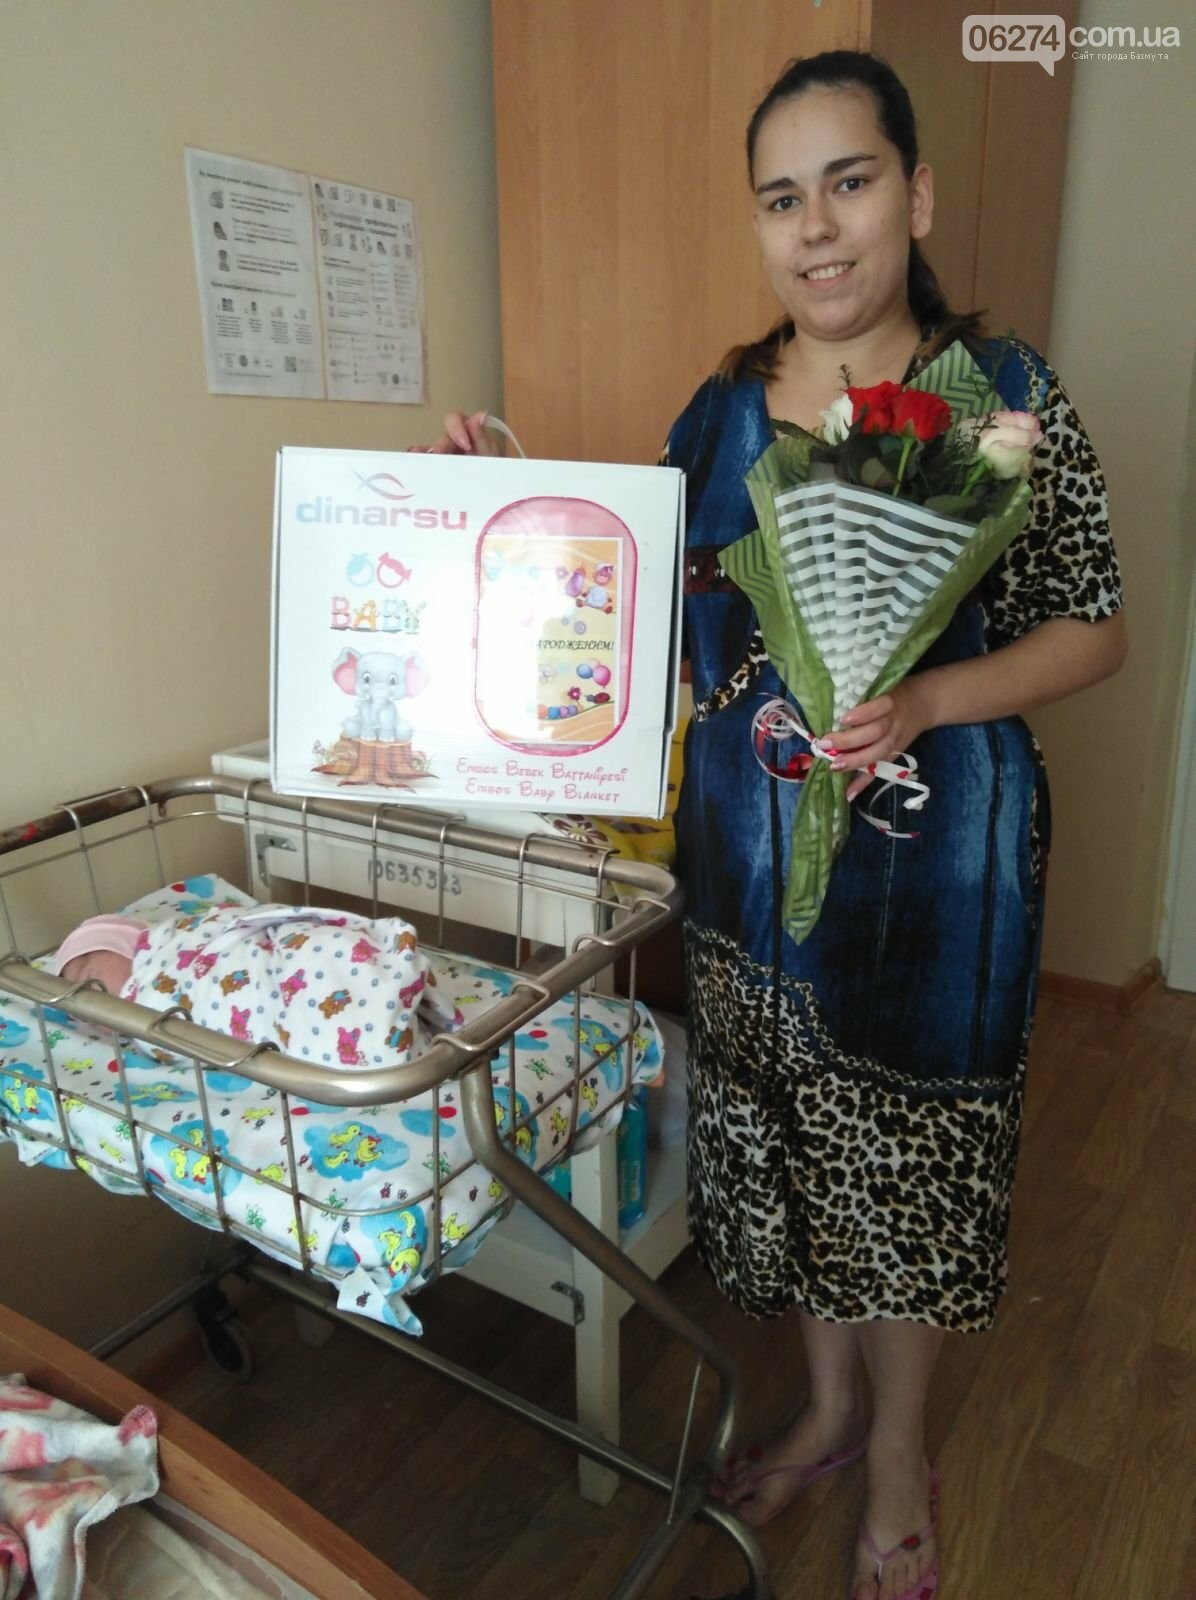 В предпраздничную неделю в Бахмутском роддоме родились 14 младенцев, фото-1